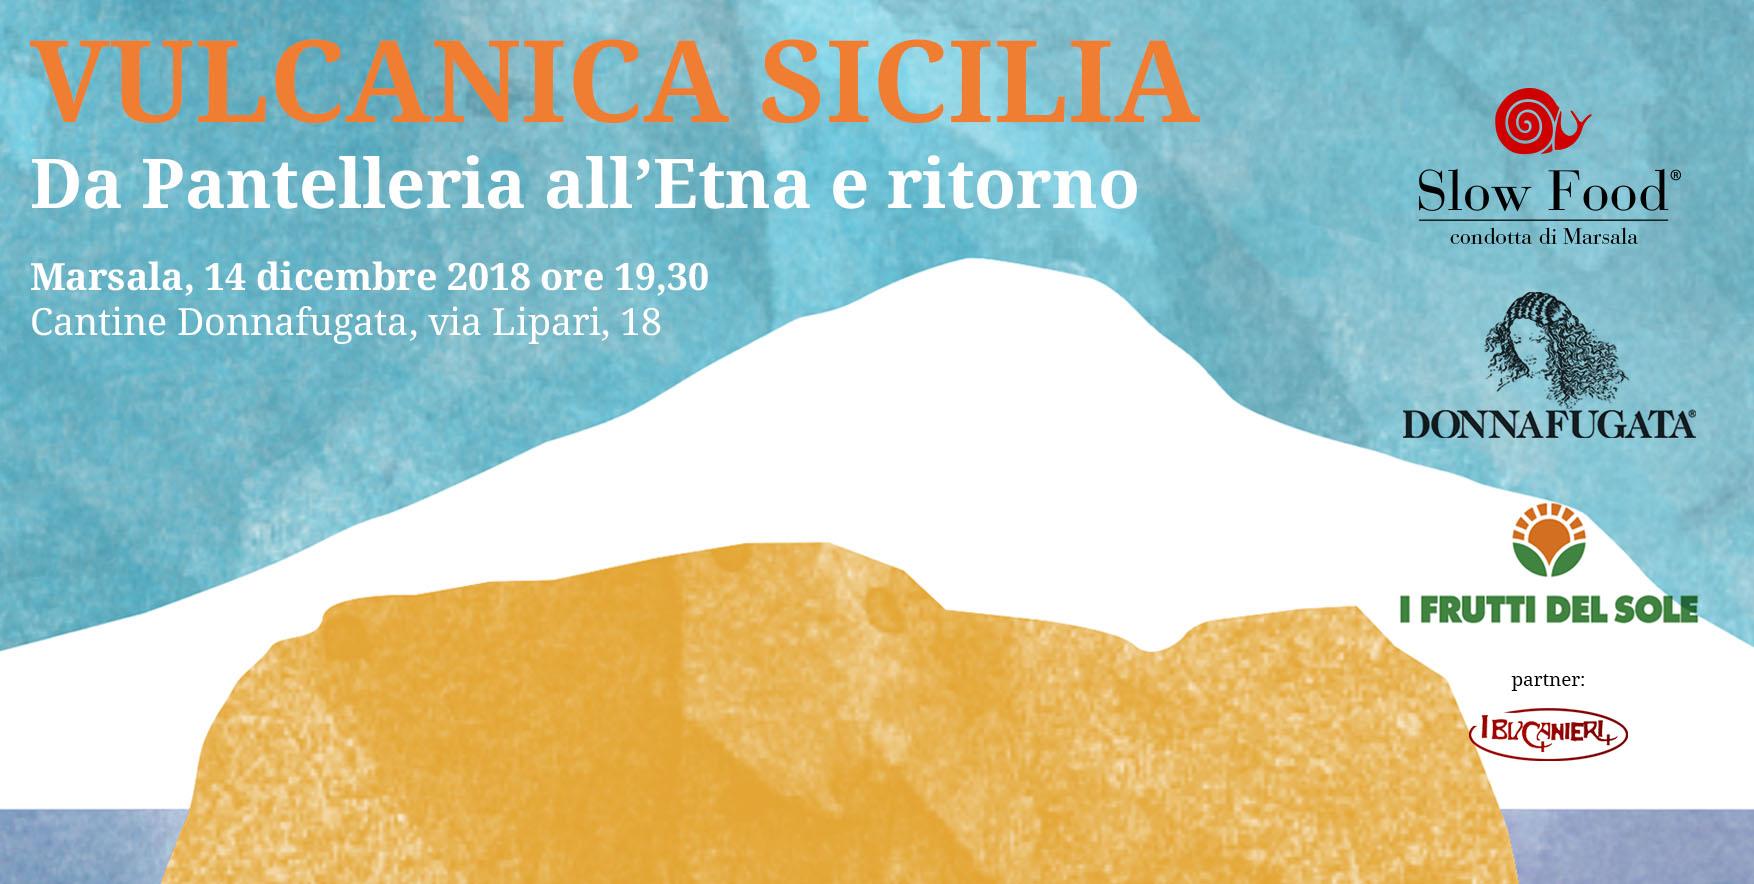 Vulcanica Sicilia, excursus di storia ed enogastronomia stasera alle Cantine Donnafugata